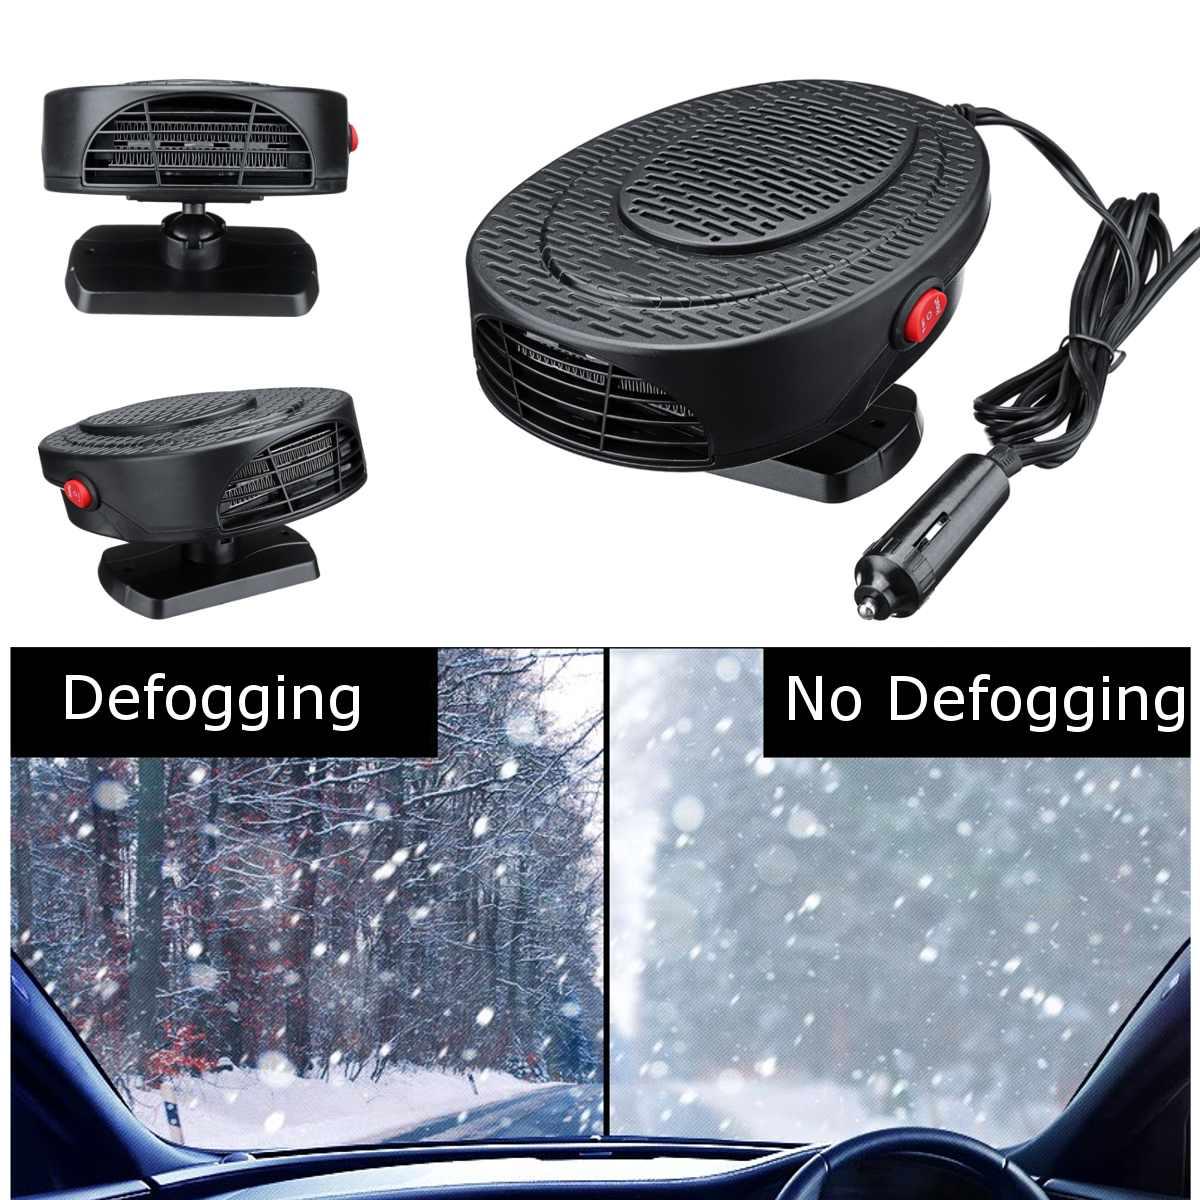 12 V 150 W Protable Auto Auto Riscaldatore Di Ventilatore Removng Nebbia + Sbrinamento + Aria Fredda + Aria Calda Di Guida Sbrinatore Disappannatore Riscaldamento Ventola Di Raffreddamento